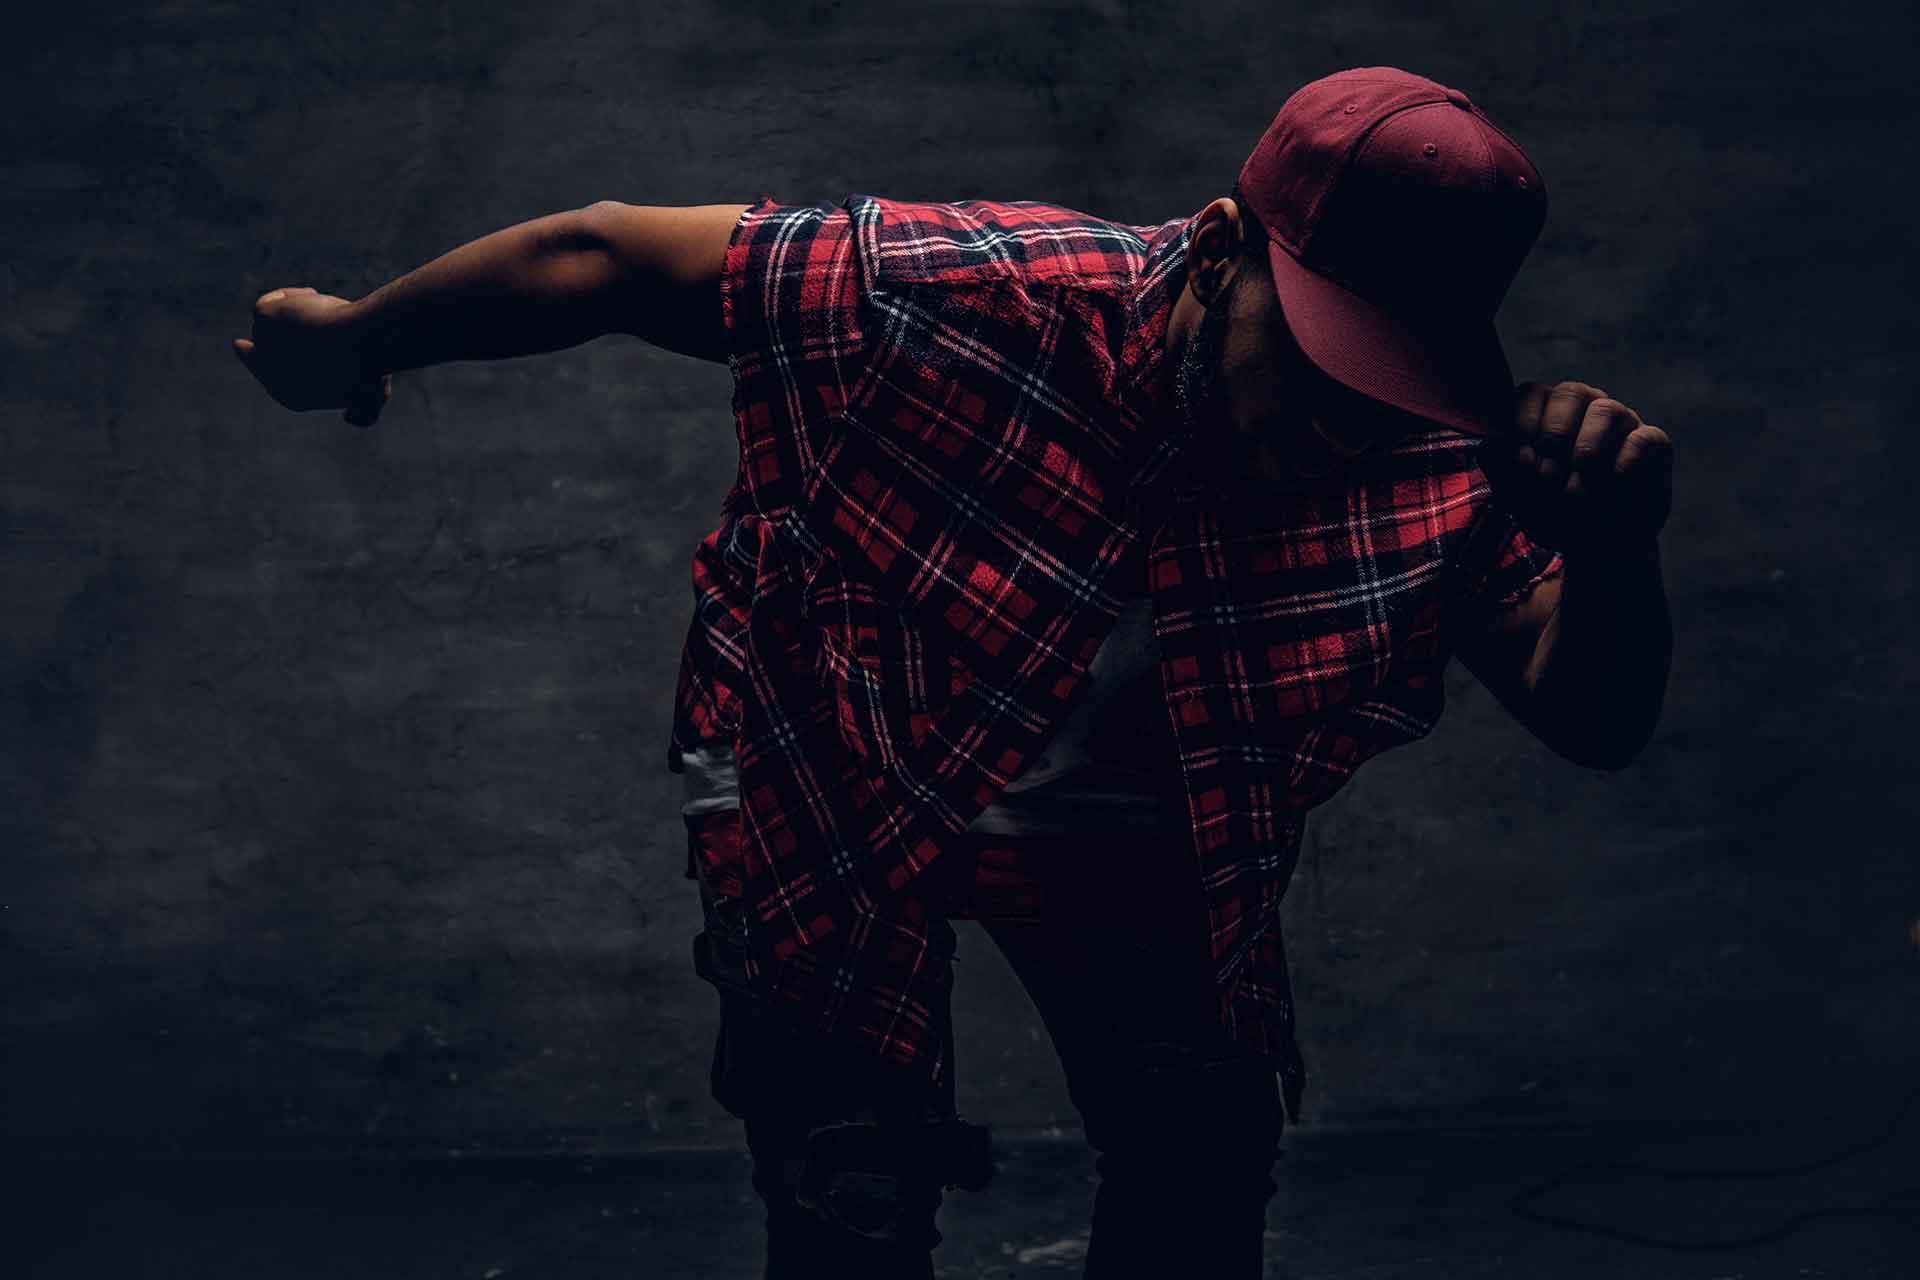 Spraakmakende strafzaken - Mensenhandel rapper Jay Zakelijk